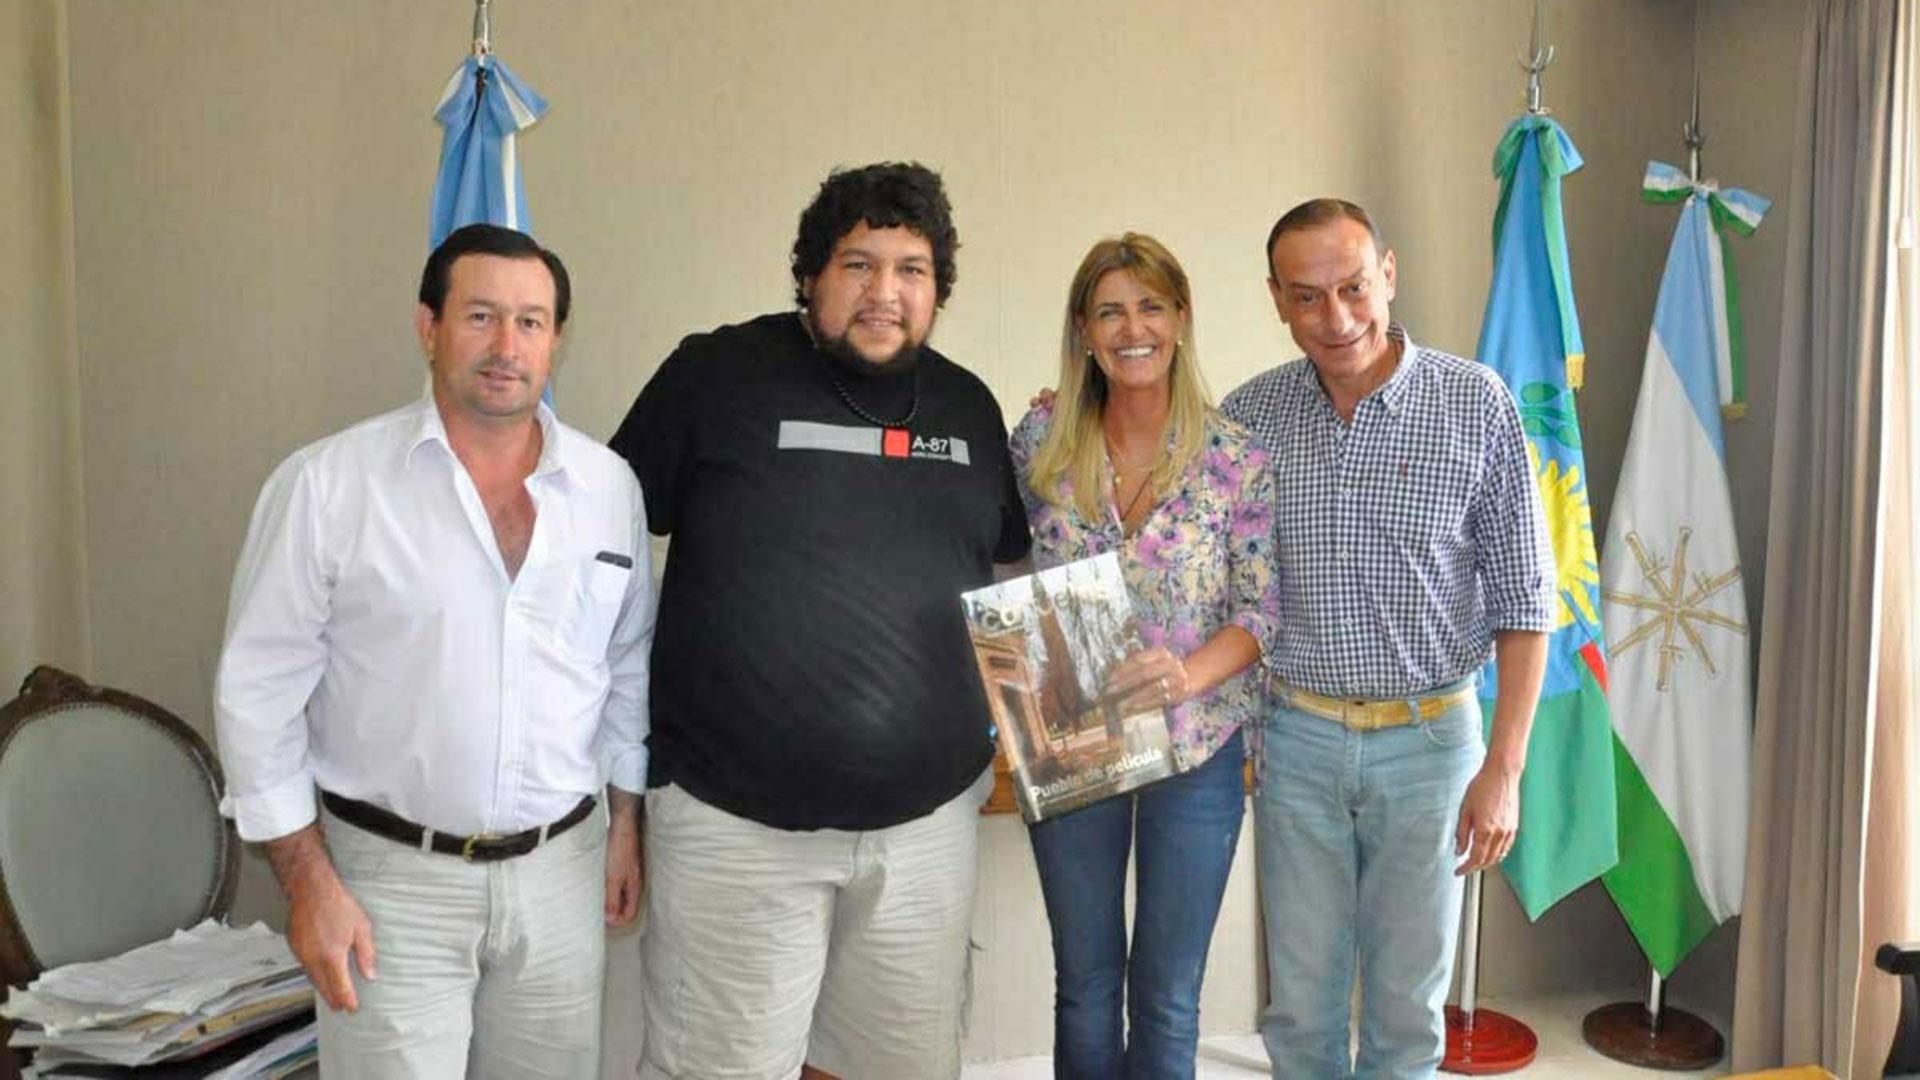 Gustavo Arrieta Intendente de Cañuelas , Marisa Fassi Jefatura de gabinete de Cañuelas e integrantes de la Unión vecinal organizadores de corso